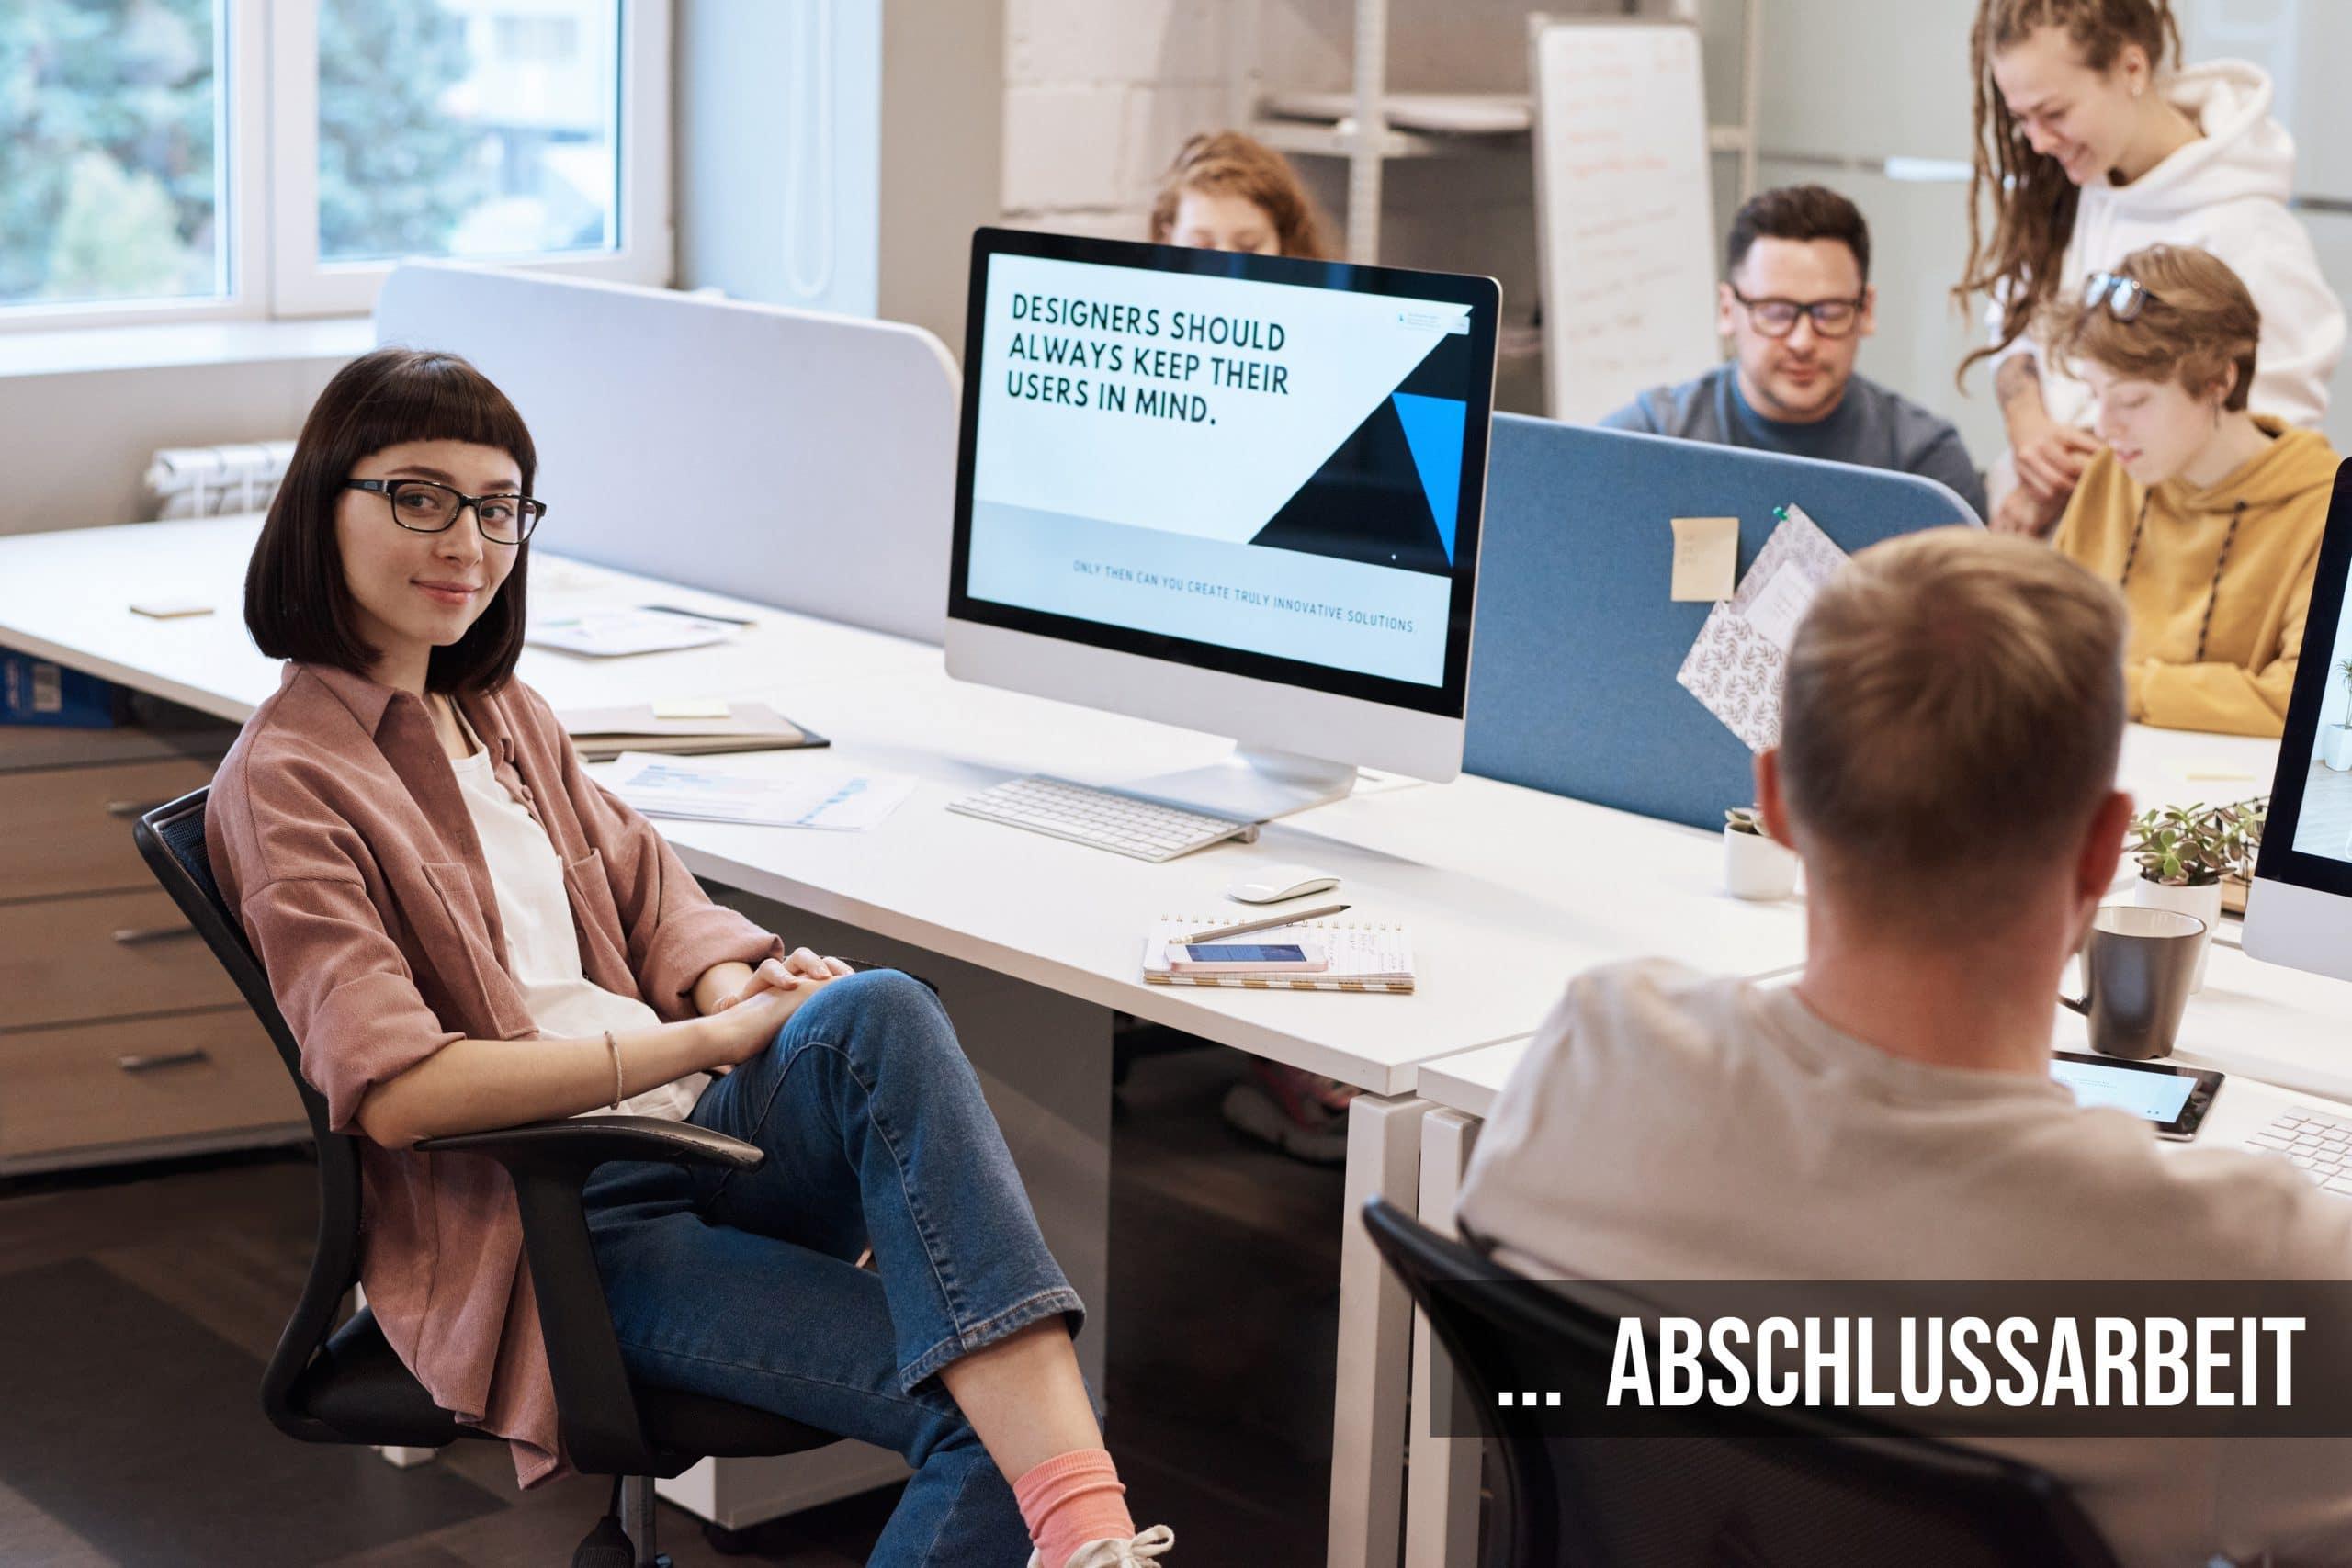 Junge Mitarbeiter am Schreibtisch mit PC